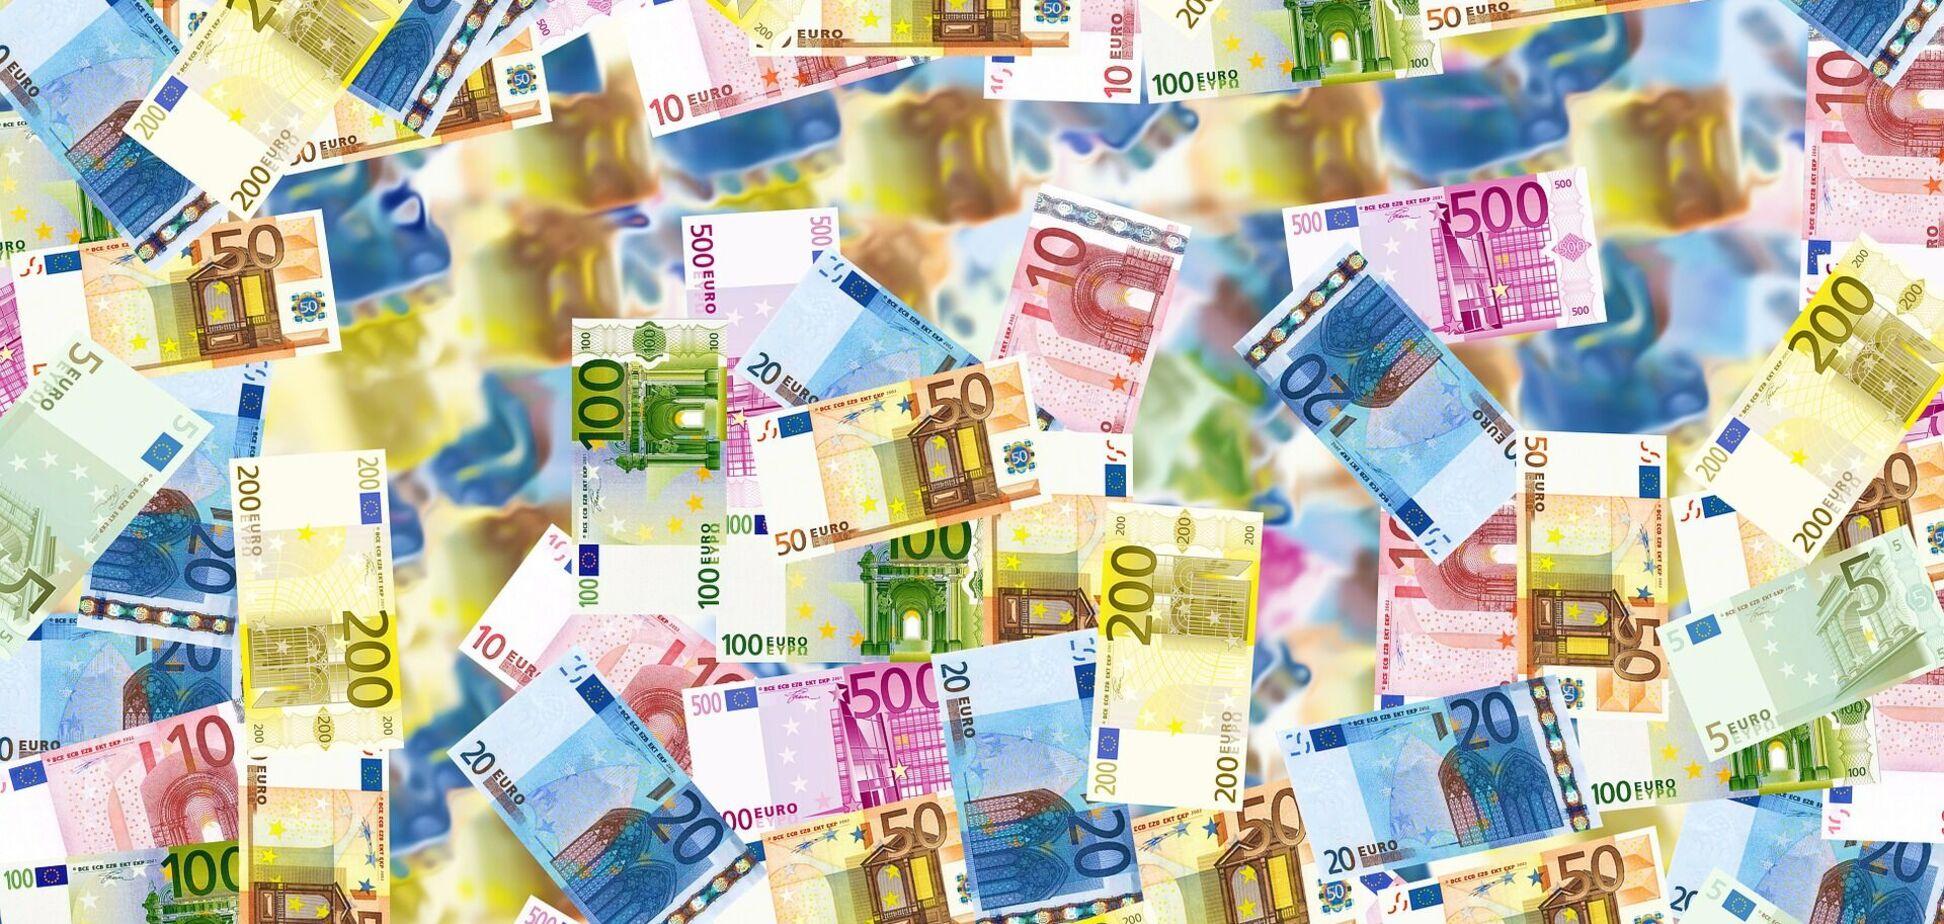 В ЄС вирішили ввести 'безумовний дохід': в одній з країн будуть роздавати по 1,2 тис. євро в місяць просто так